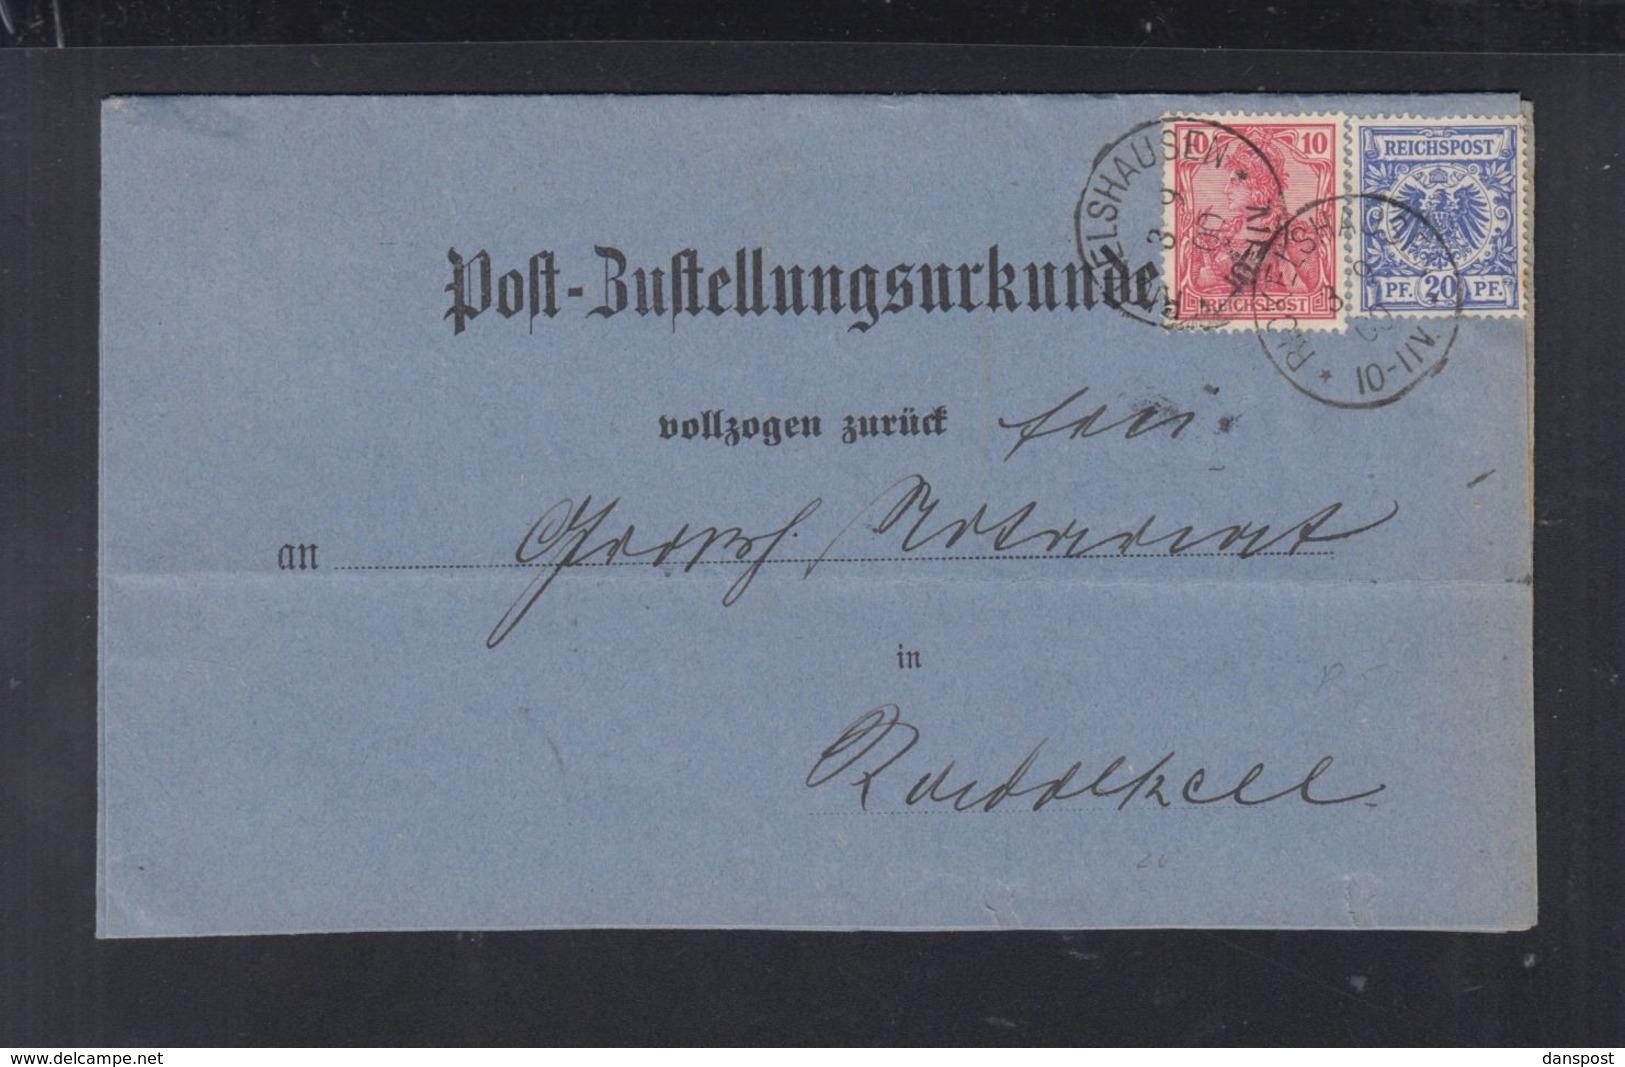 Dt. Reich Post-Zustellungsurkunde Rickelshausen 1900 - Deutschland